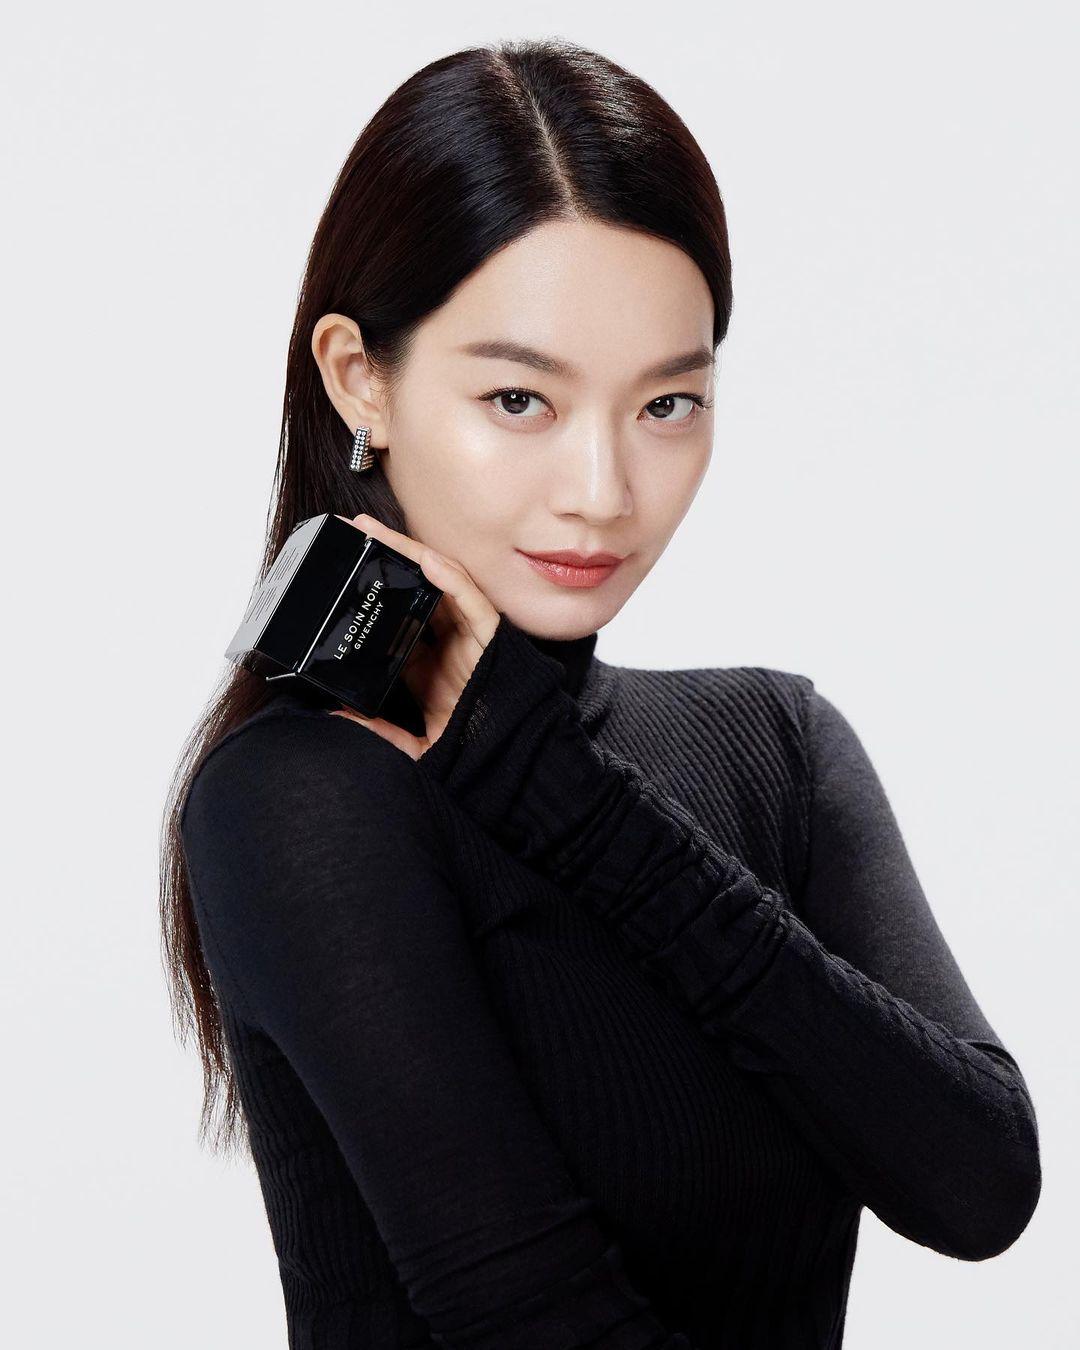 Shin Min Ah's net worth